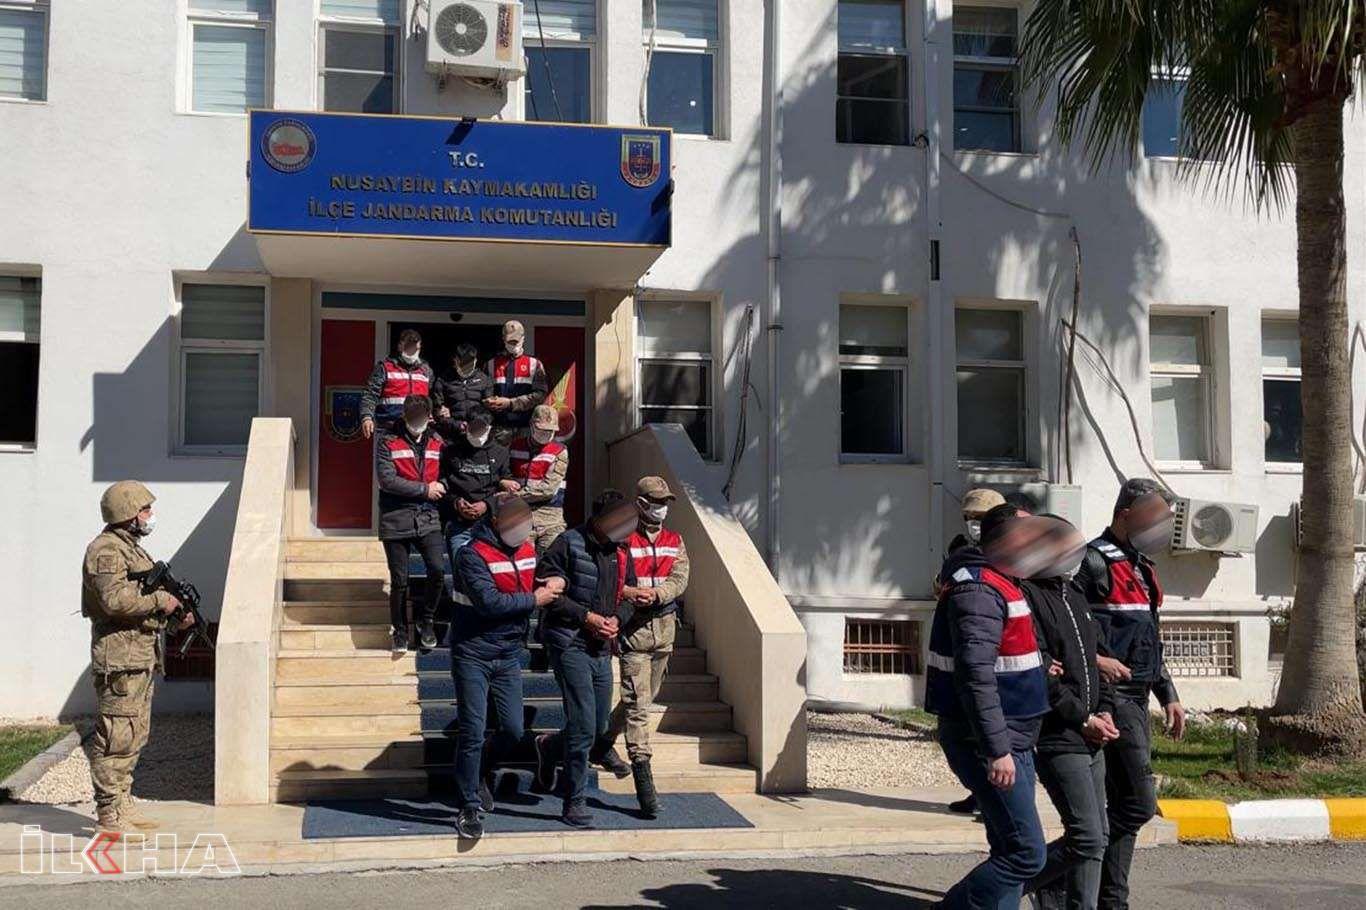 Mardin'de uyuşturucu operasyonunda 3 kişi tutuklandı